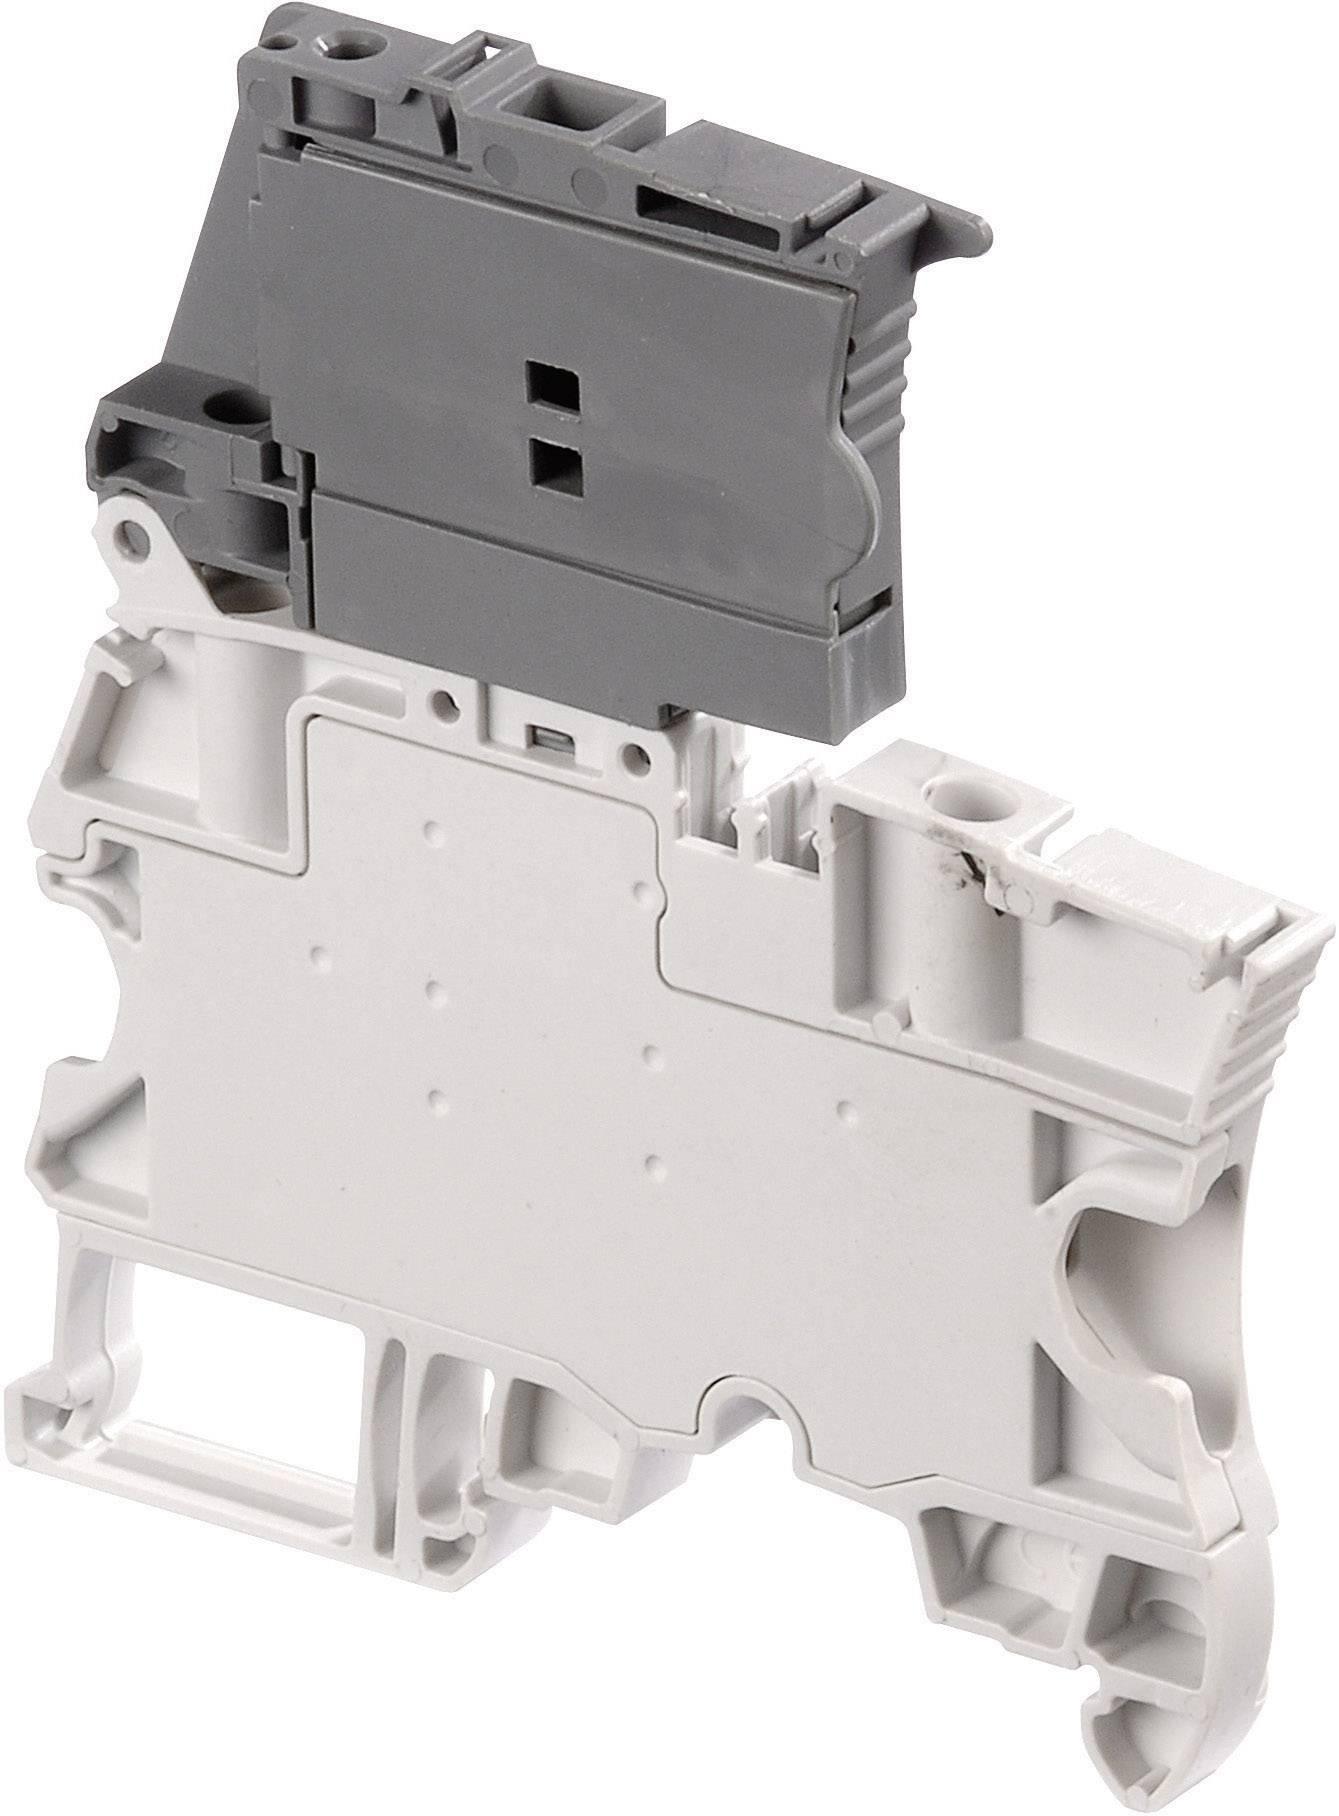 Jistící svorka ABB 1SNK 506 410 R0000, 6 mm, šroubovací, osazení L, šedá, 1 ks